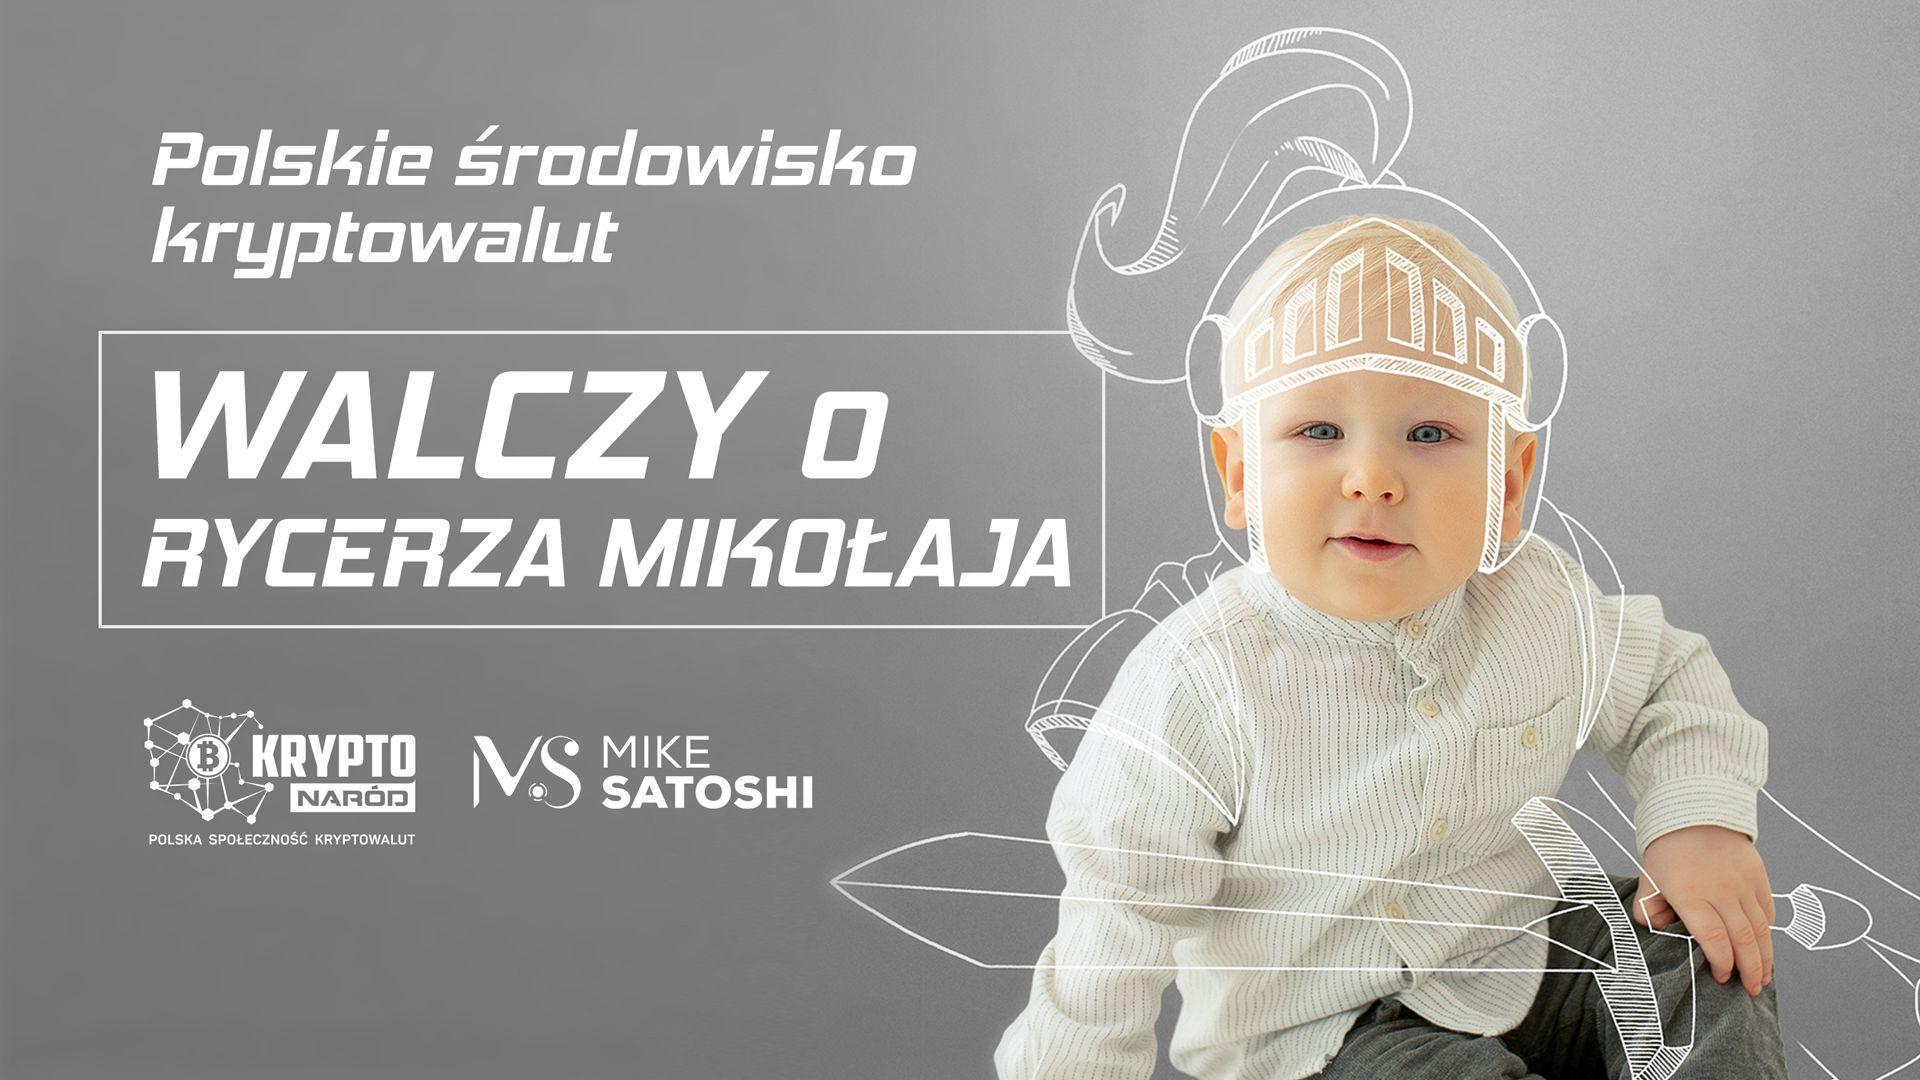 Polska krypto społeczność wspiera charytatywnie Rycerza Mikołaja